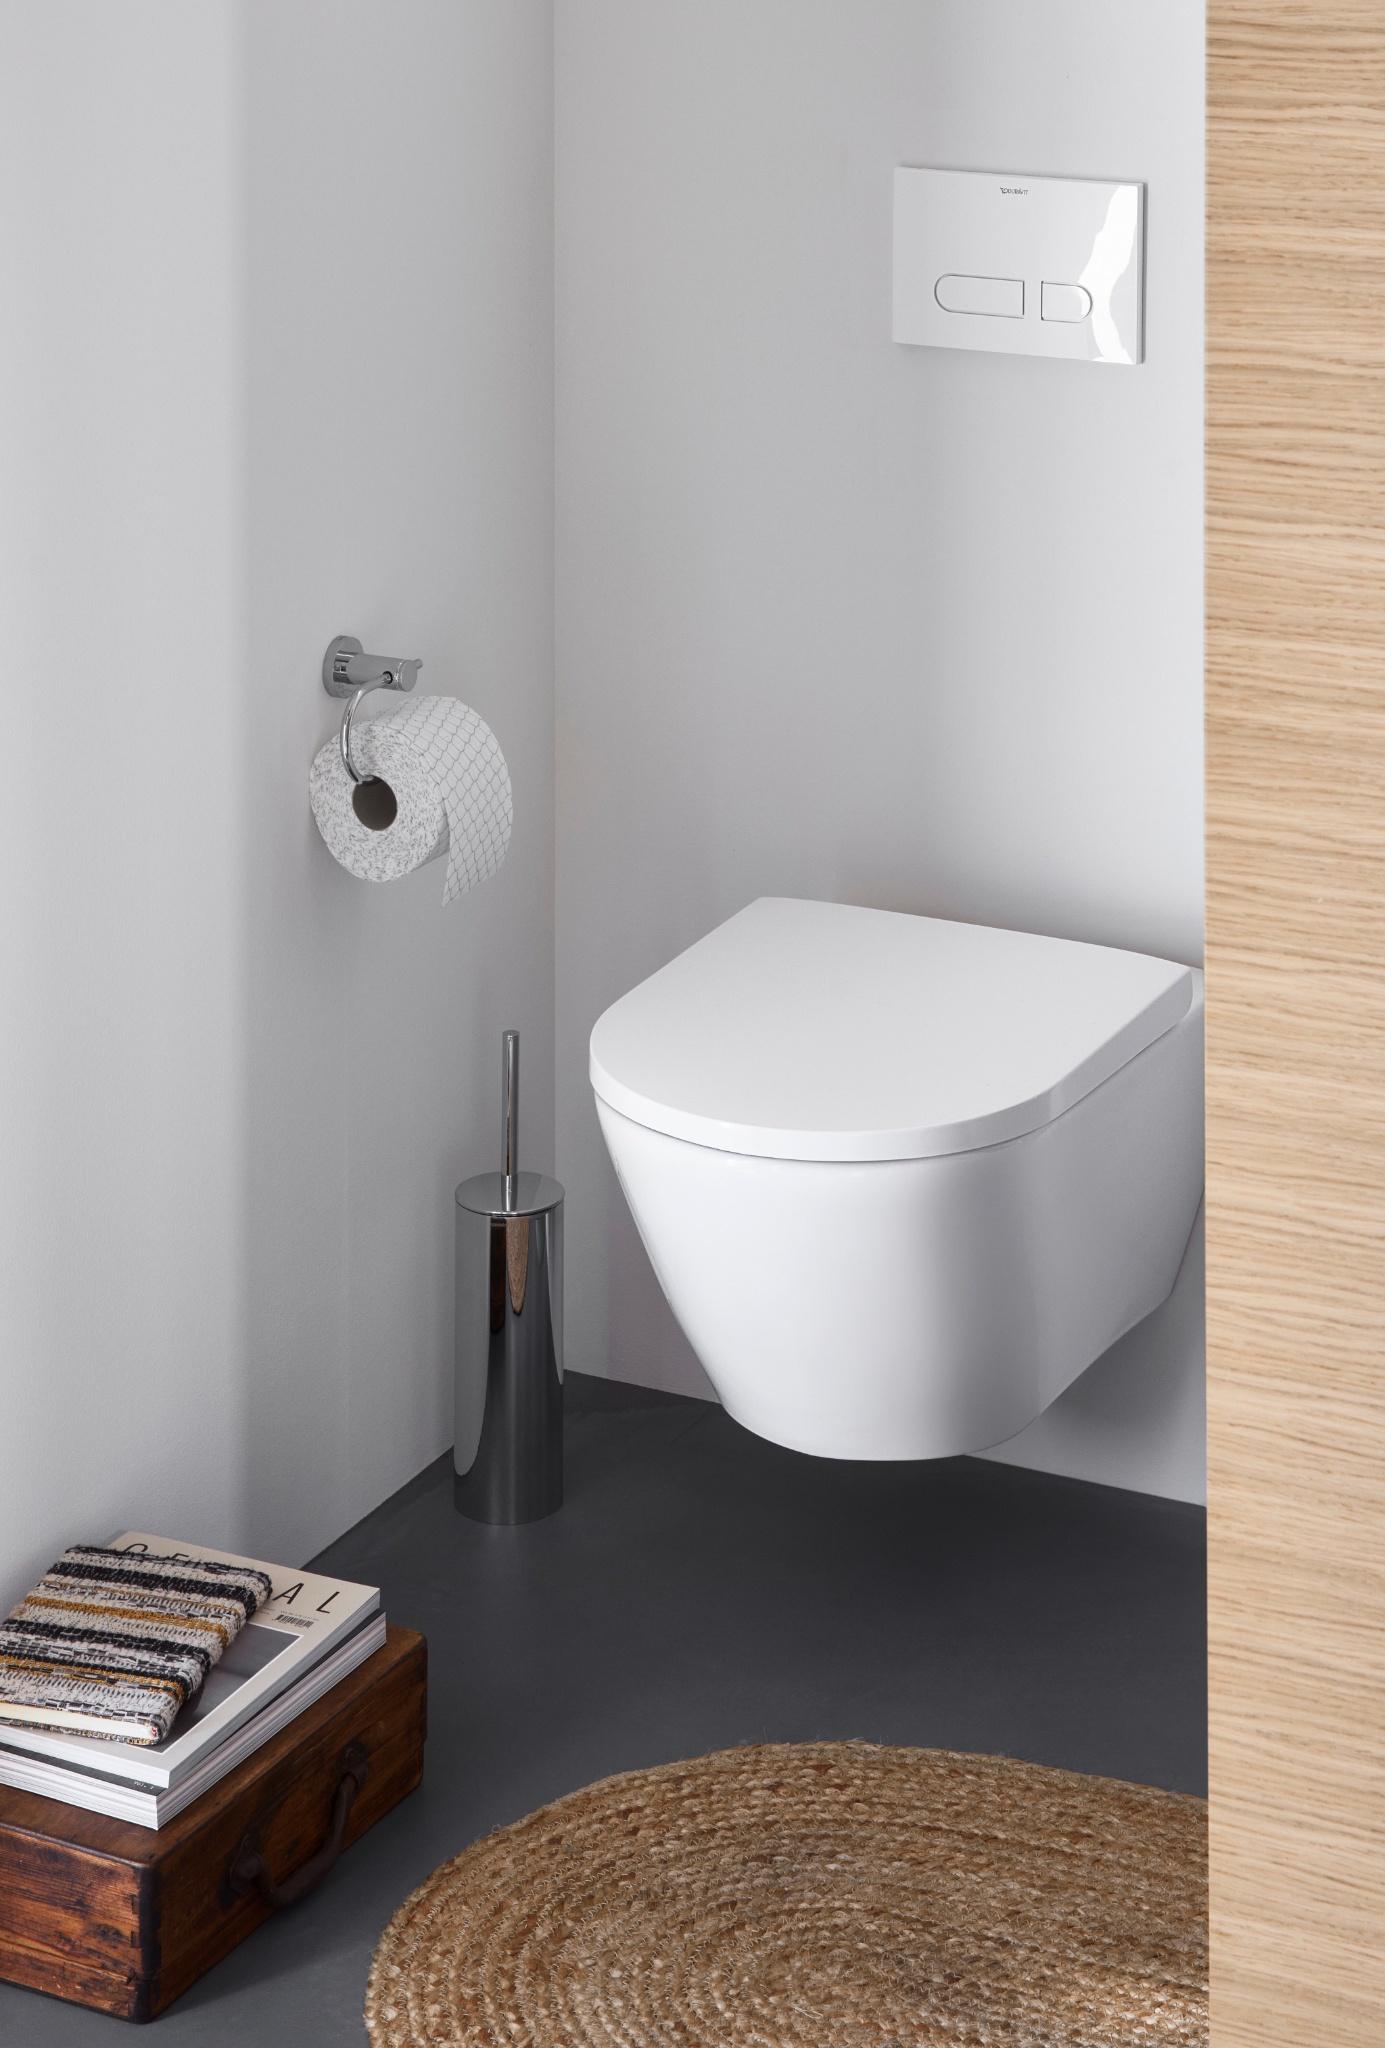 Duravit_D-Neo_Toilet_Fra_2206DKK_2